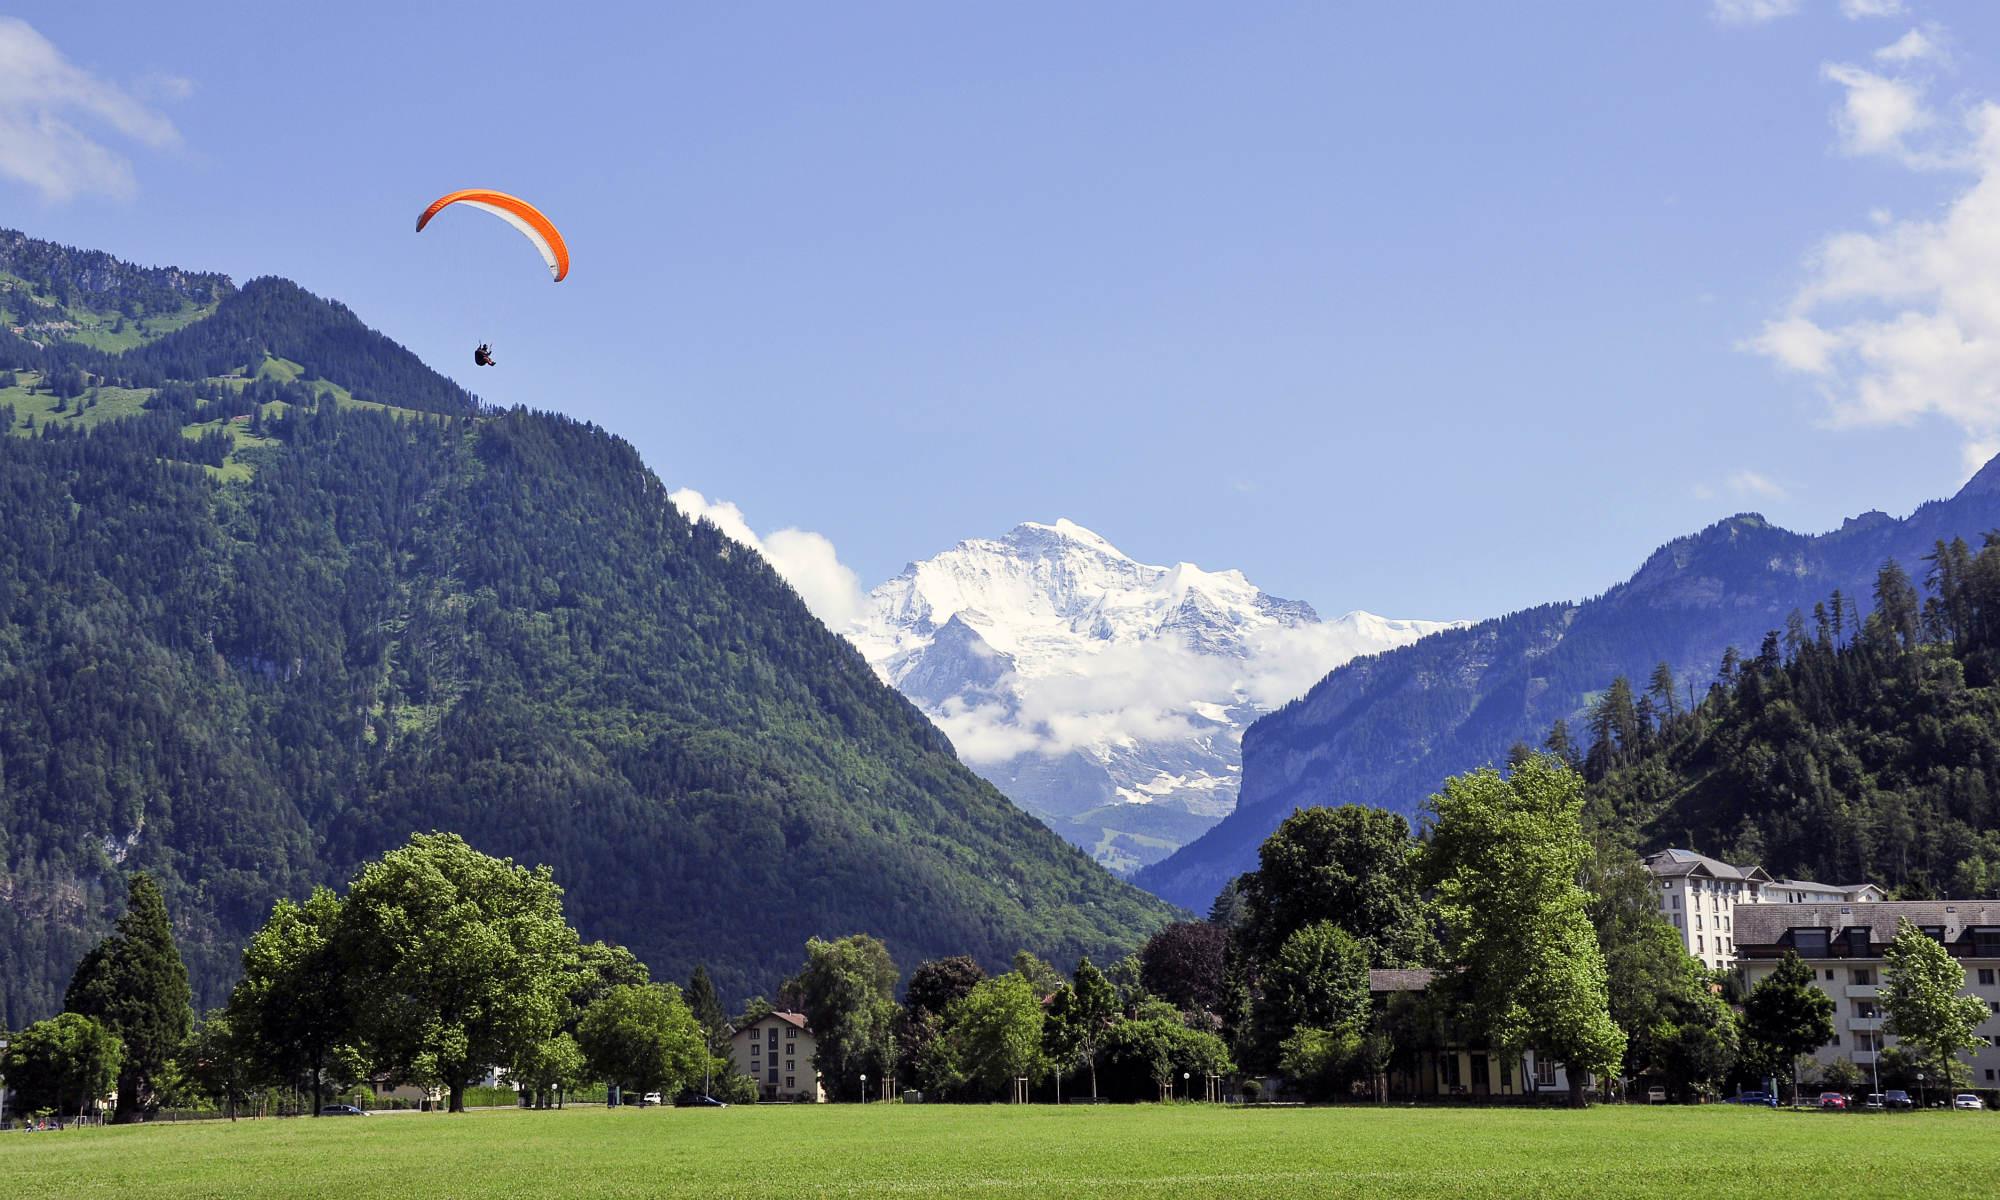 Ein Paraglider vor dem schneebedeckten Berg Jungfrau im schweizerischen Kanton Bern.